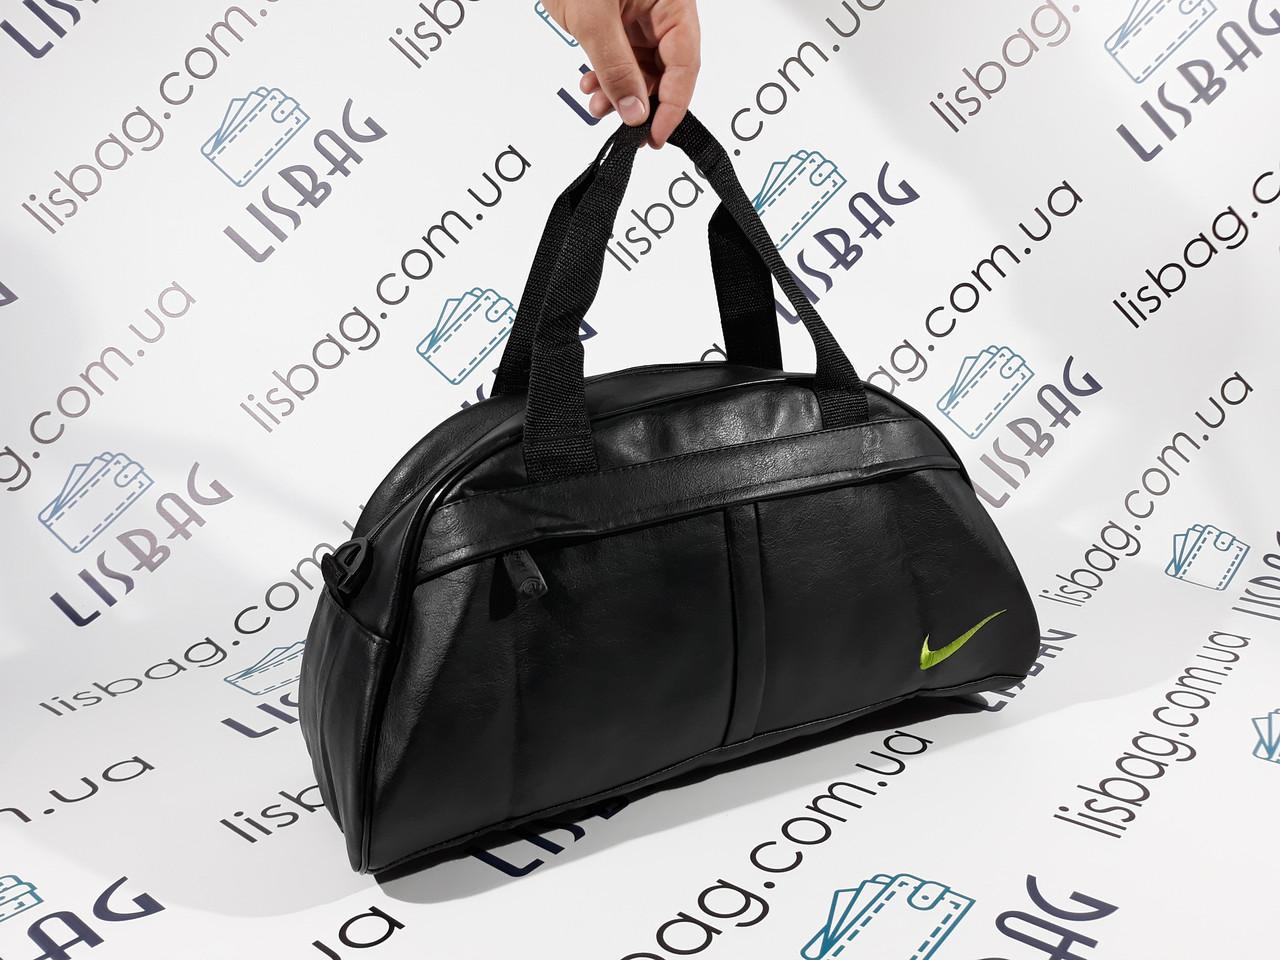 Спортивная сумка черная Nike копия зеленый значек кож зам